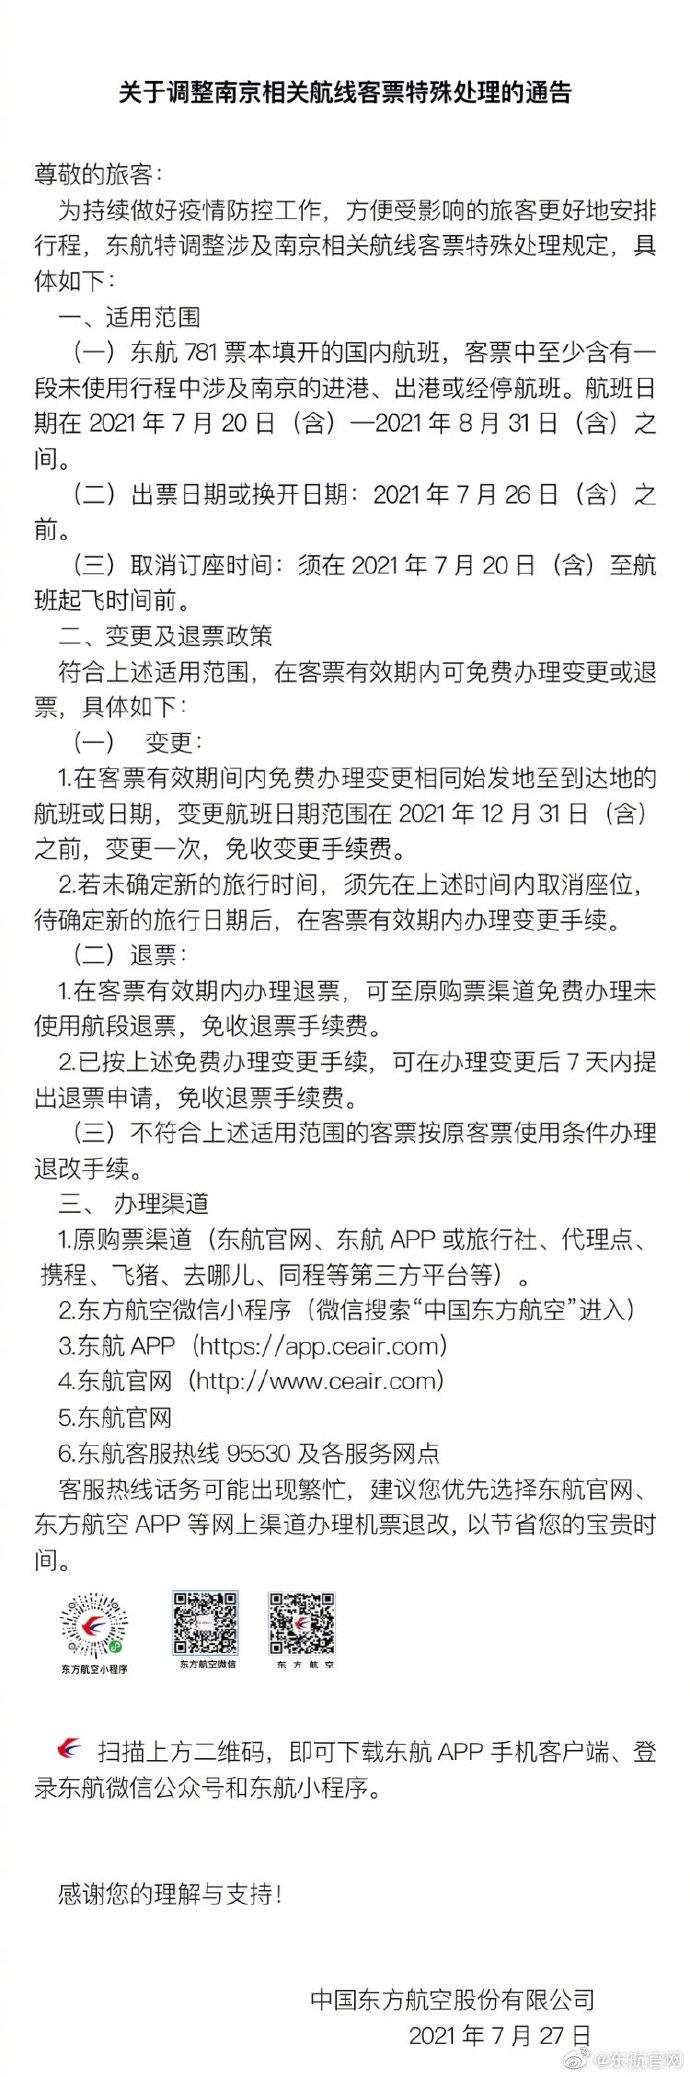 南京——来源:东航